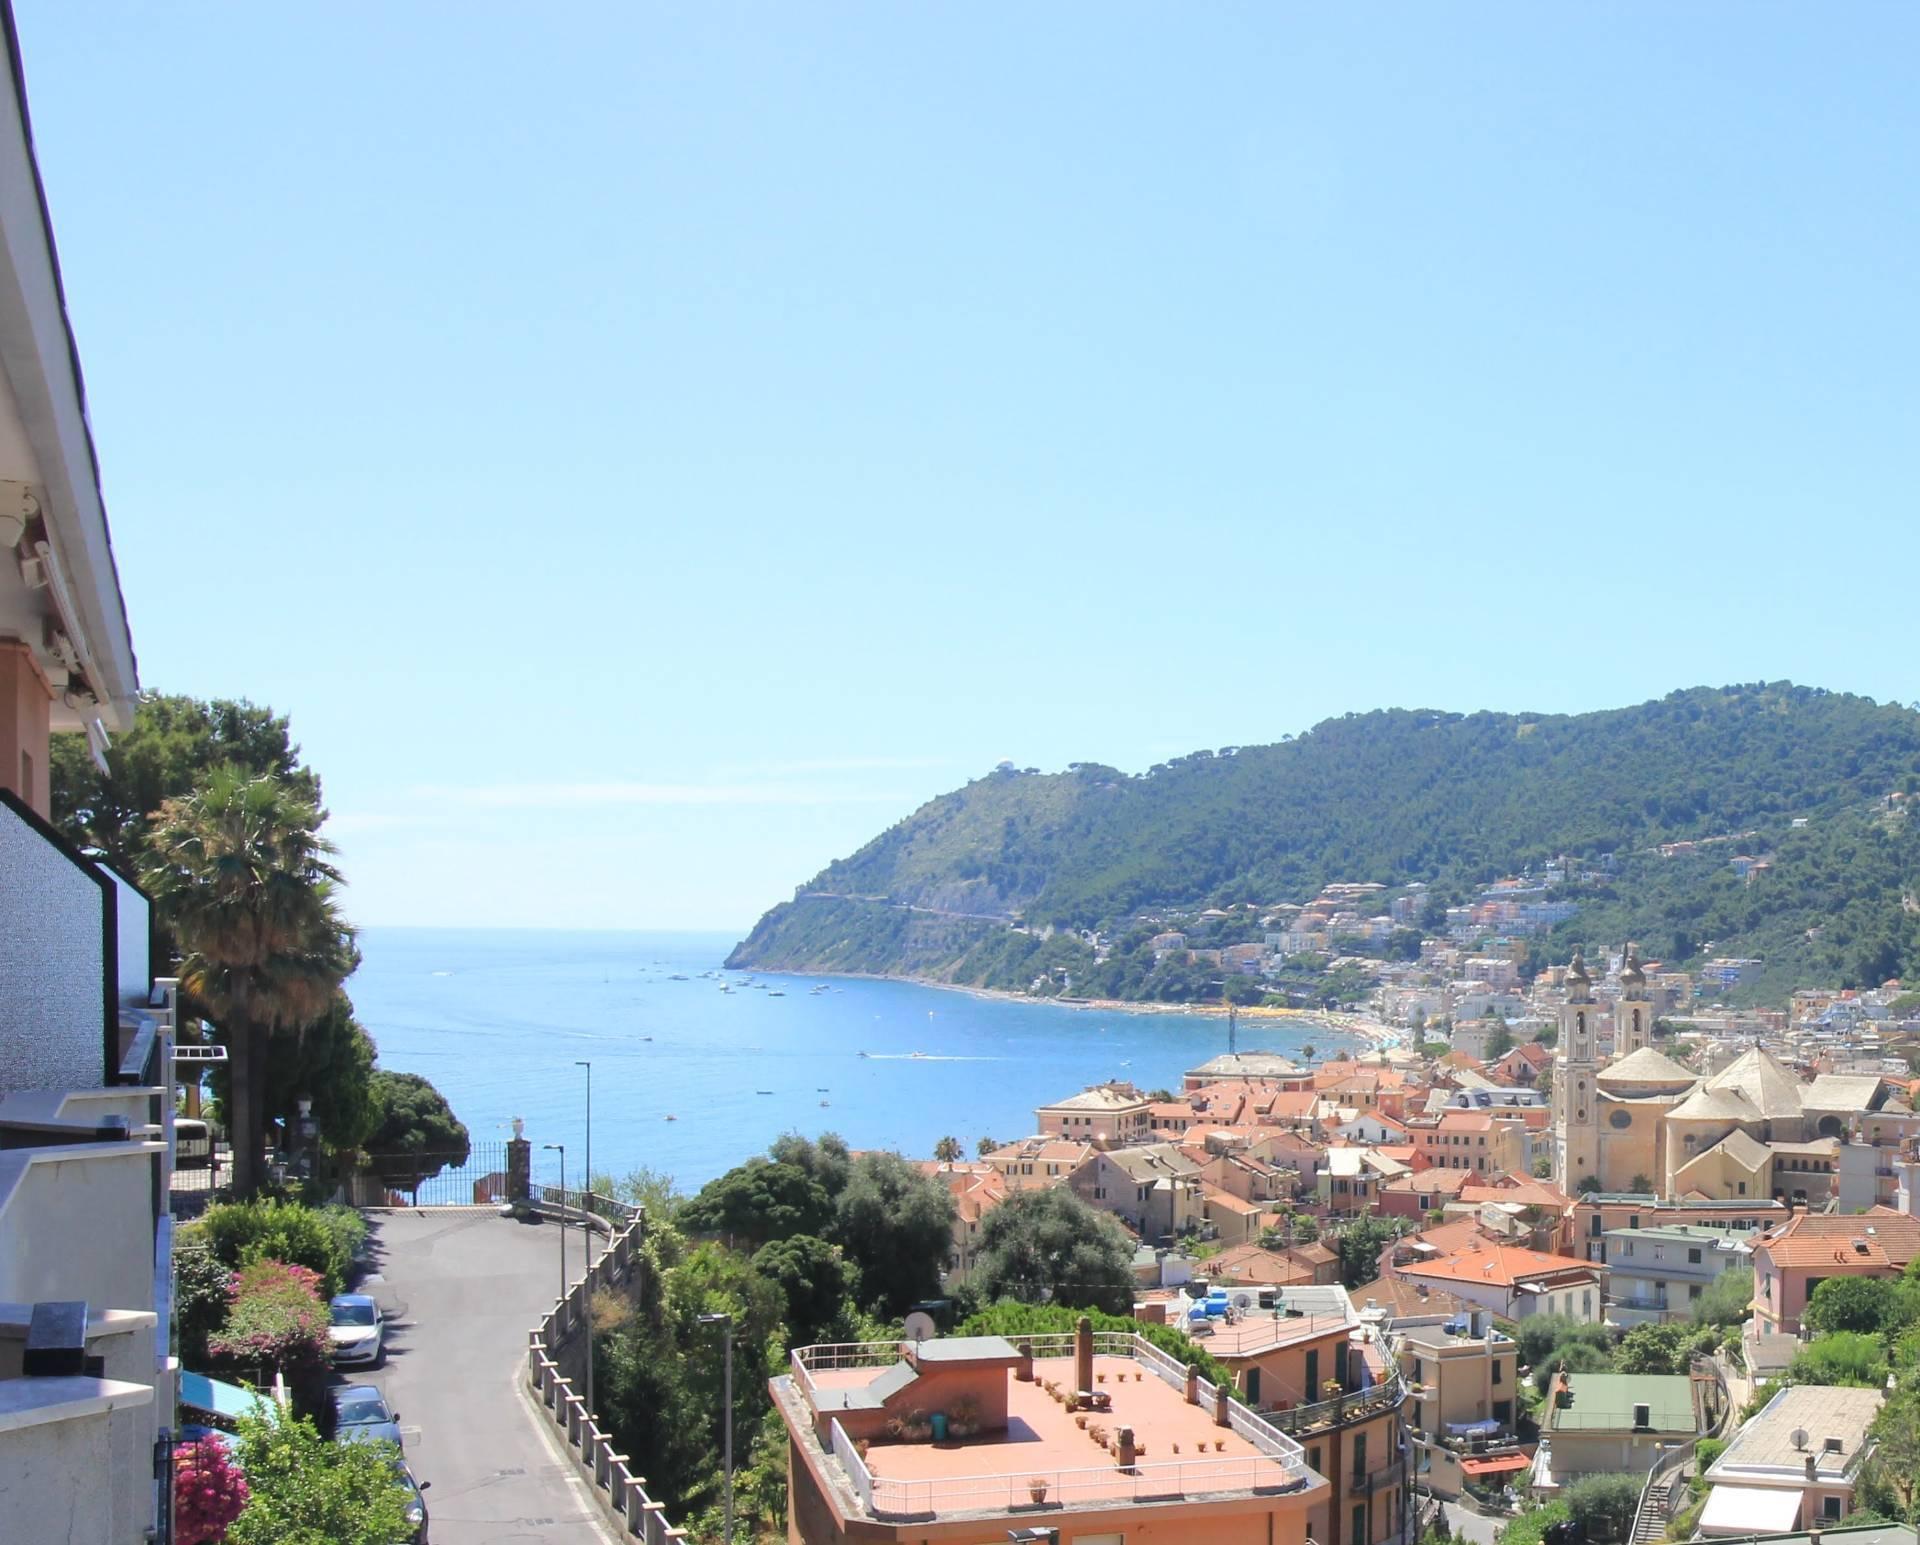 Appartamento in vendita a Laigueglia, 3 locali, prezzo € 230.000 | CambioCasa.it